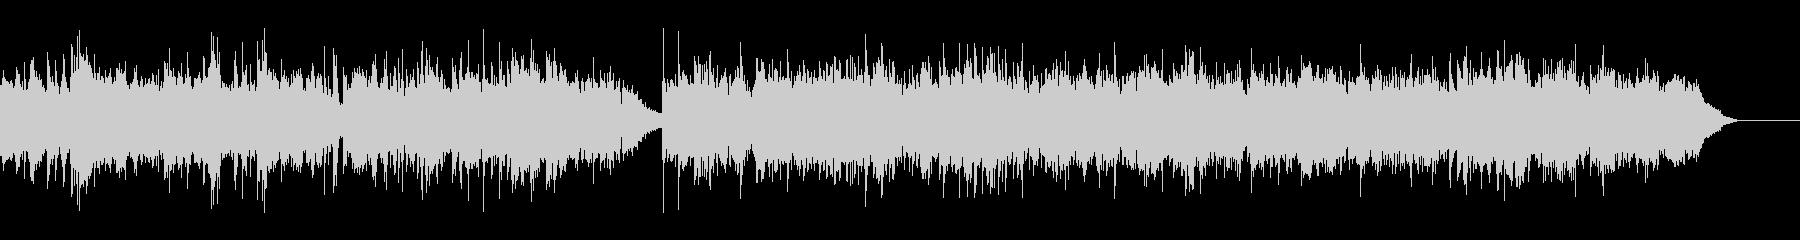 クライスレリアーナ第4曲の未再生の波形